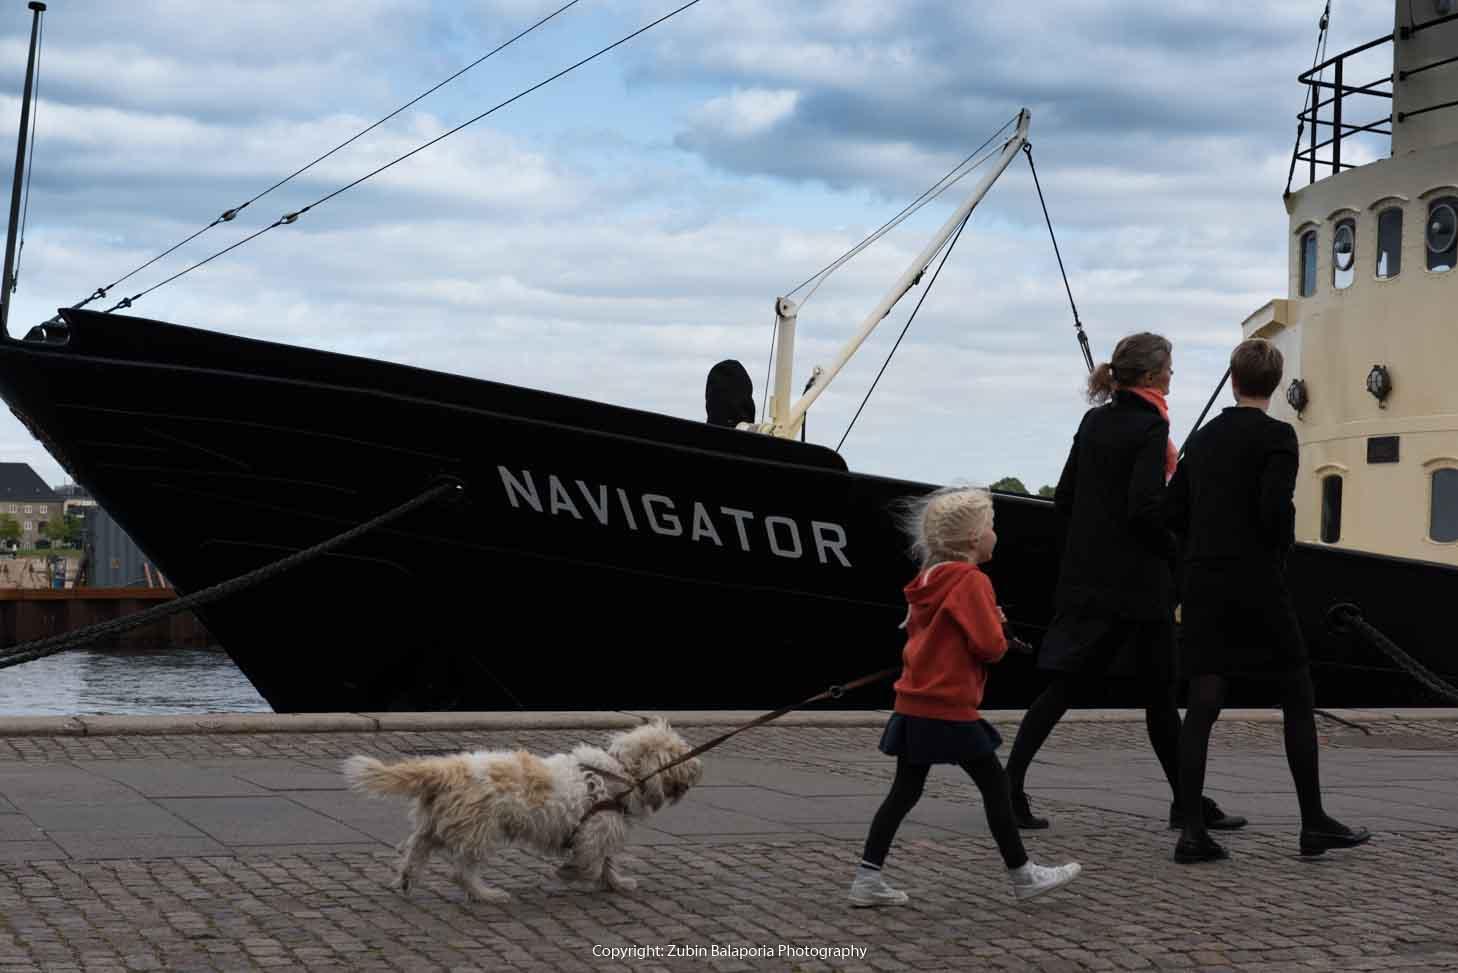 Navigator Series - Girl & Dog